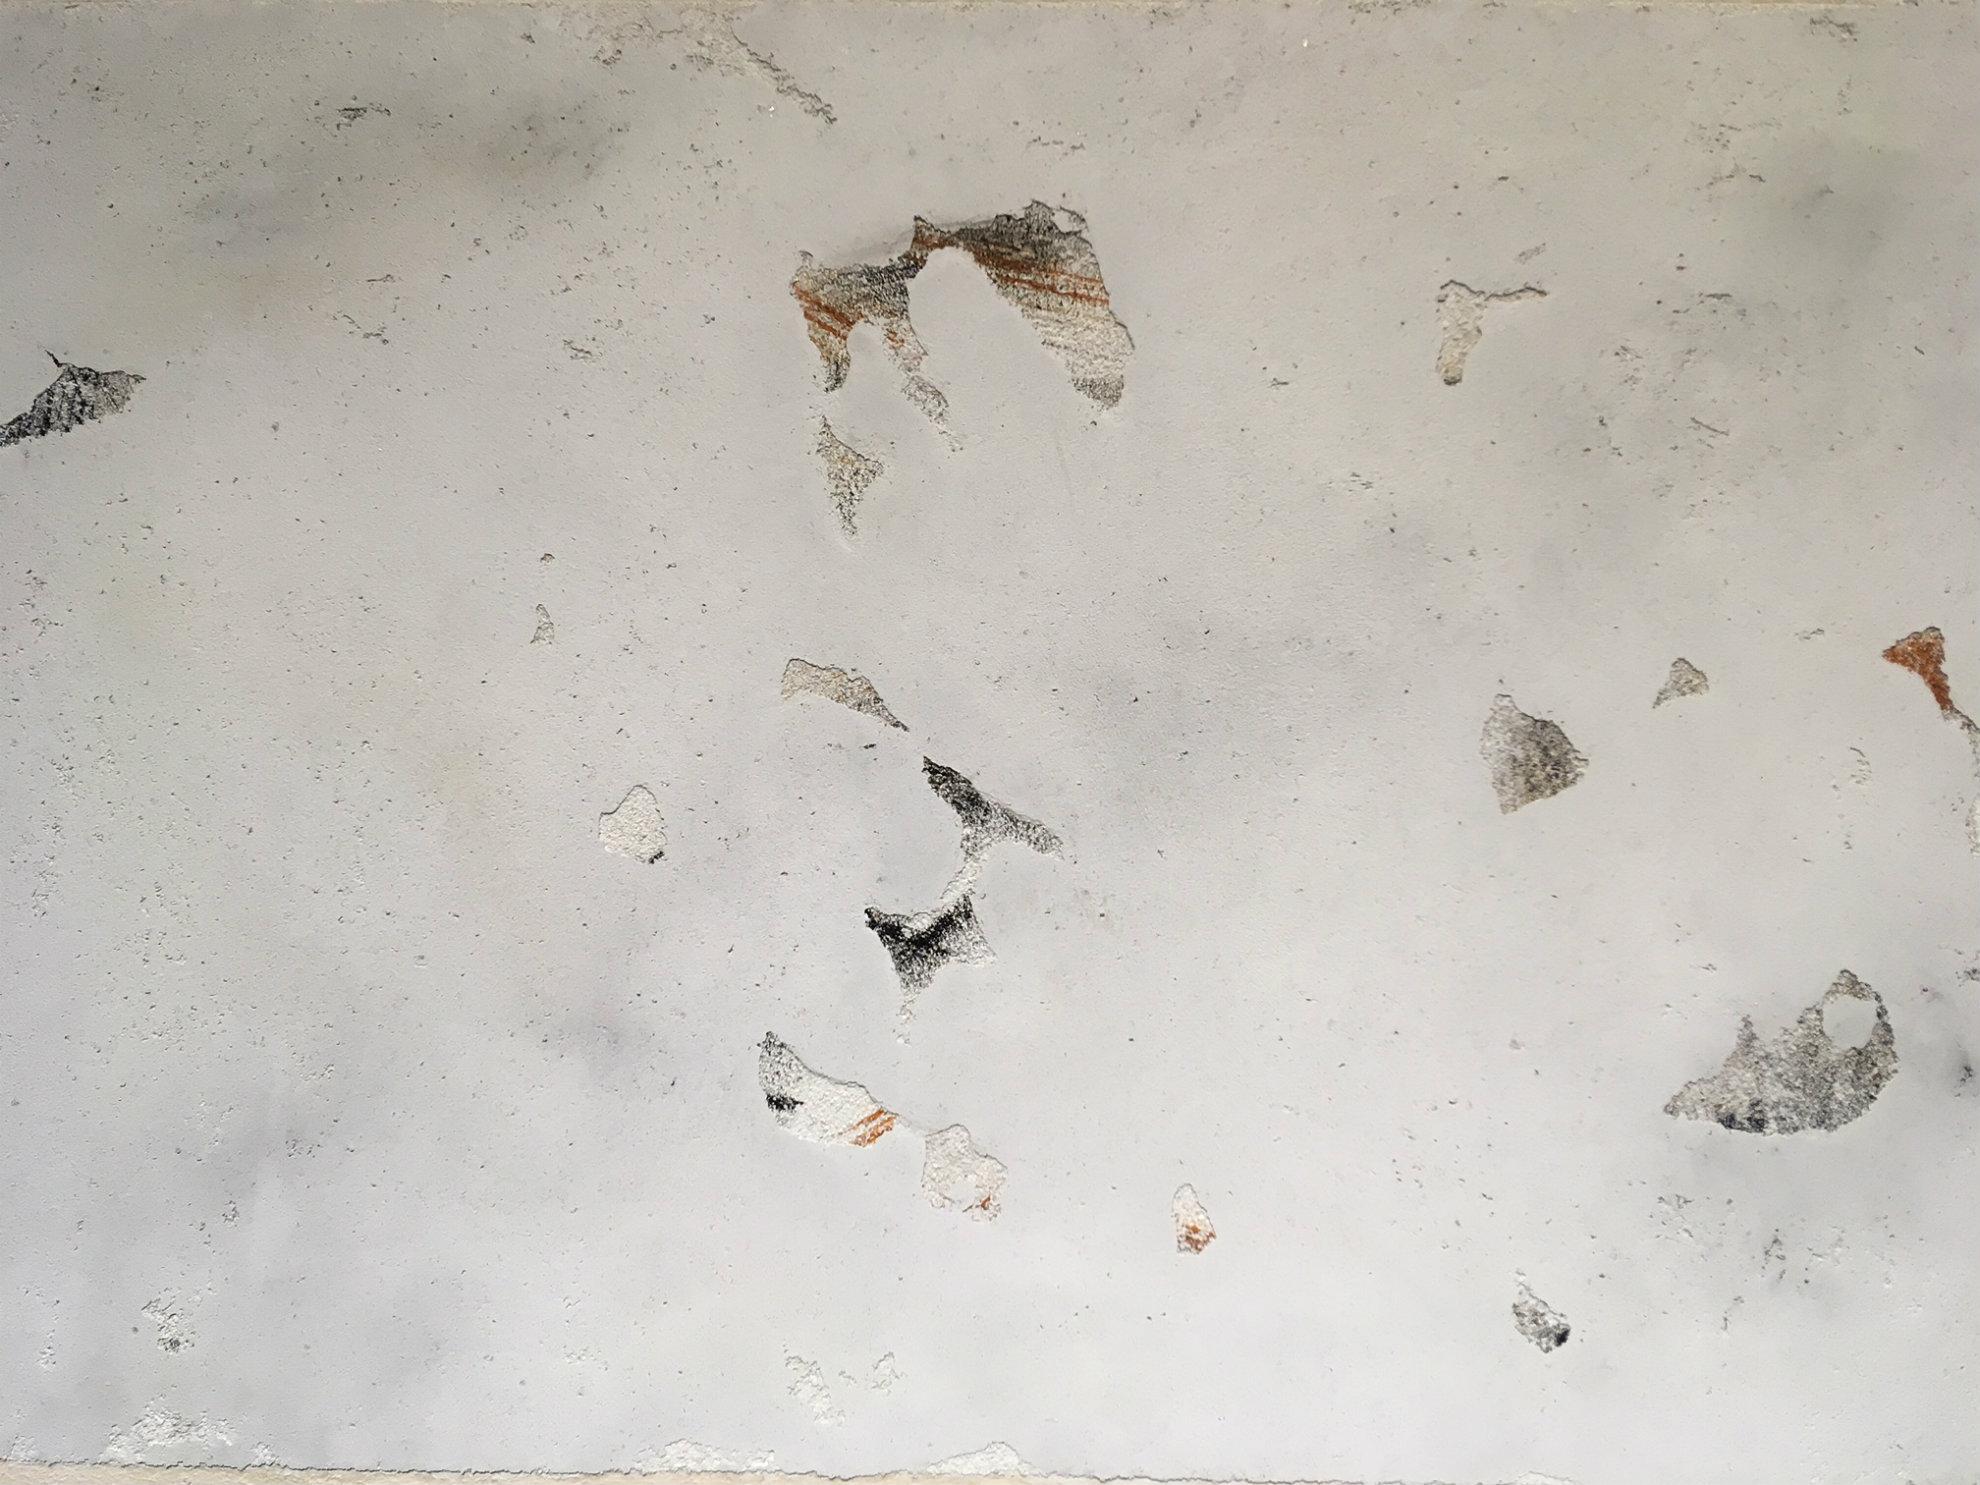 Sample of concrete paint